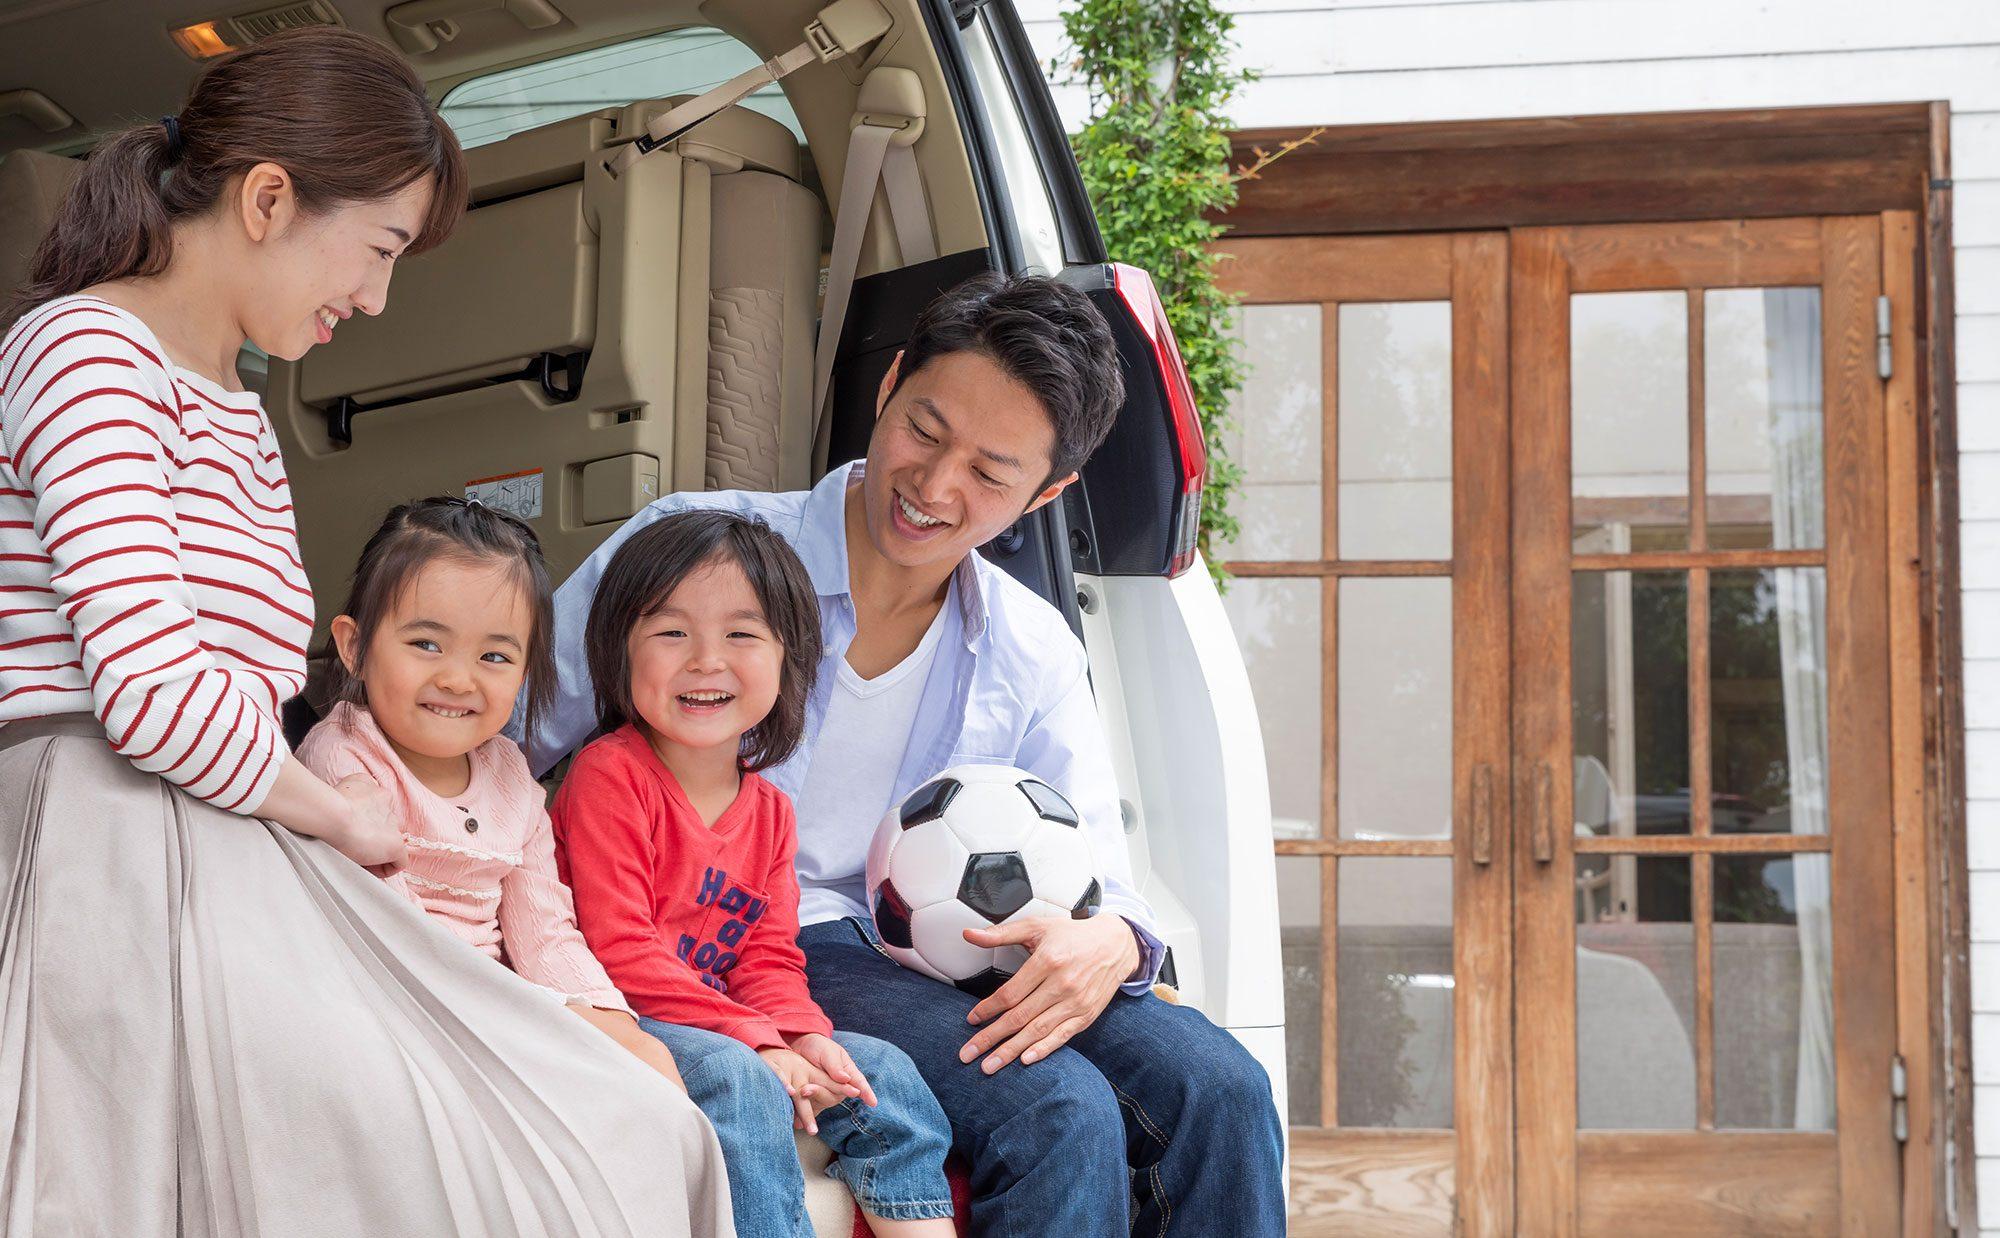 人気エリアでも家賃が安い! 大阪ファミリーにおすすめ厳選5エリア